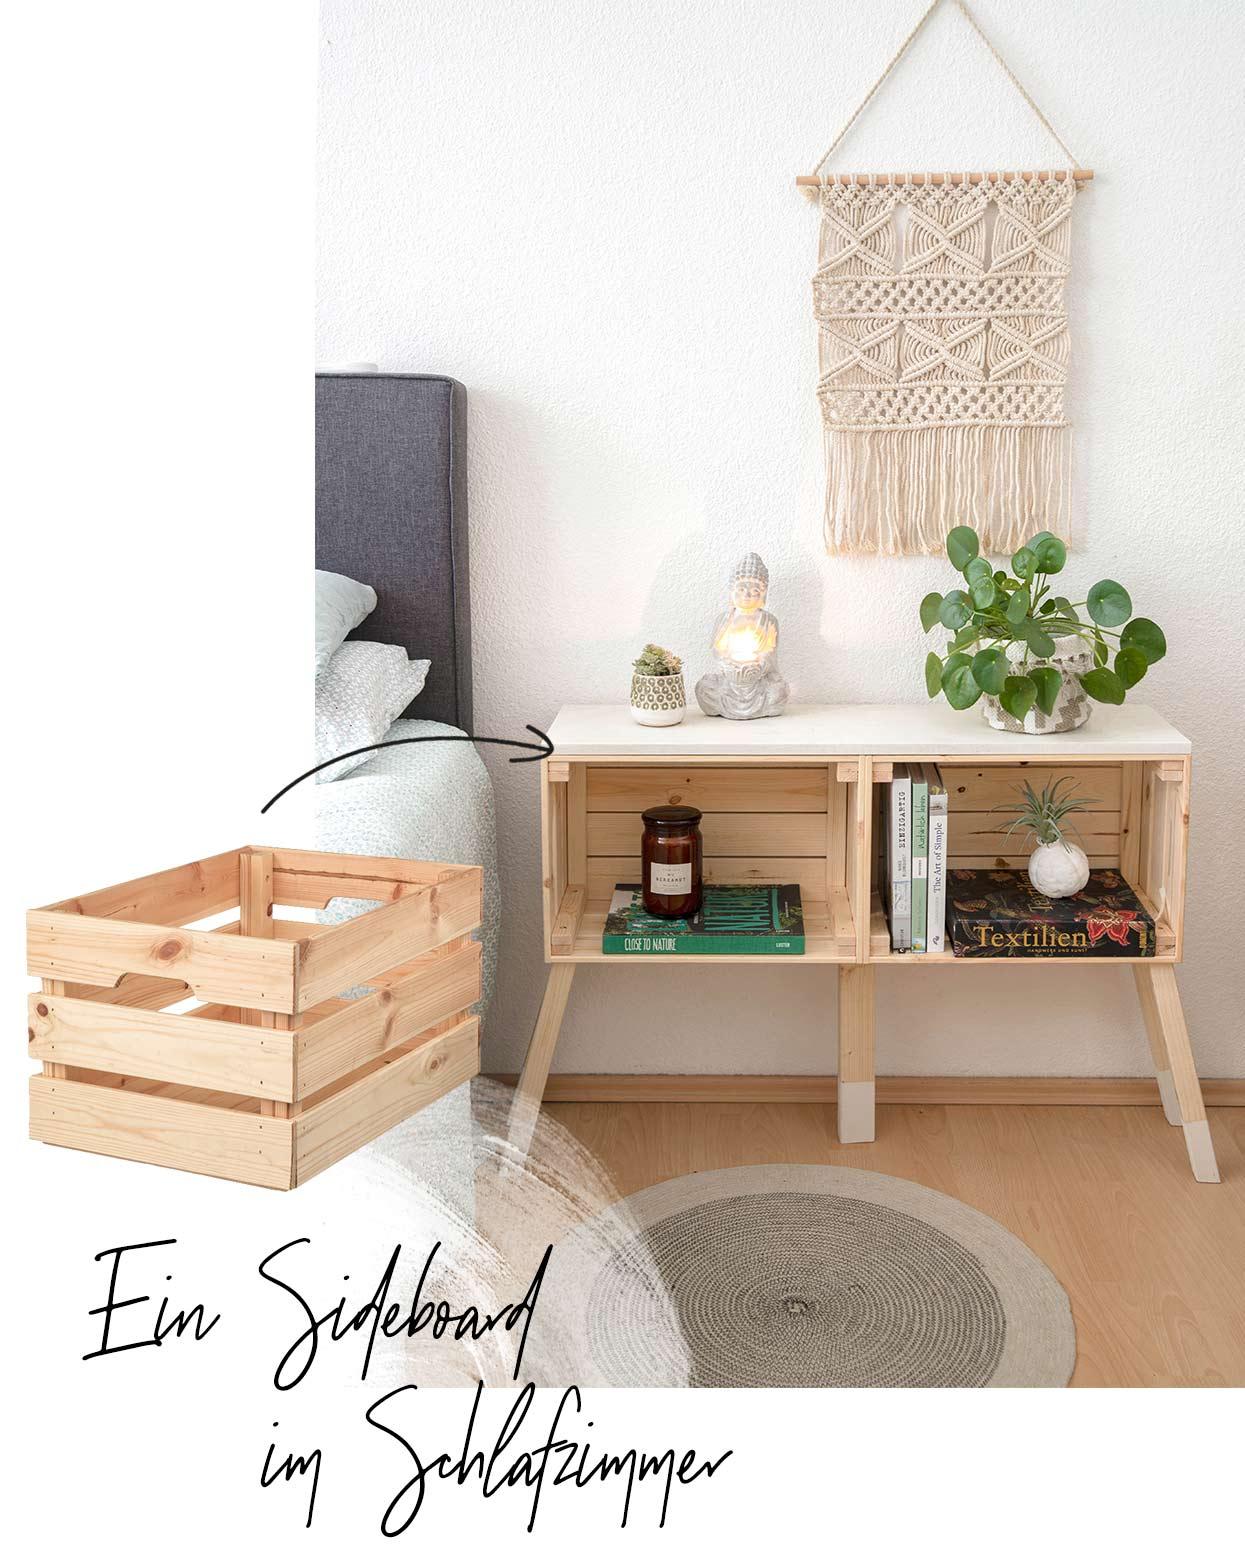 Full Size of Sideboard Mit Ikea Kisten Selber Bauen Wohnklamotte Anrichte Küche Kosten Miniküche Modulküche Kaufen Betten 160x200 Sofa Schlaffunktion Bei Wohnzimmer Anrichte Ikea